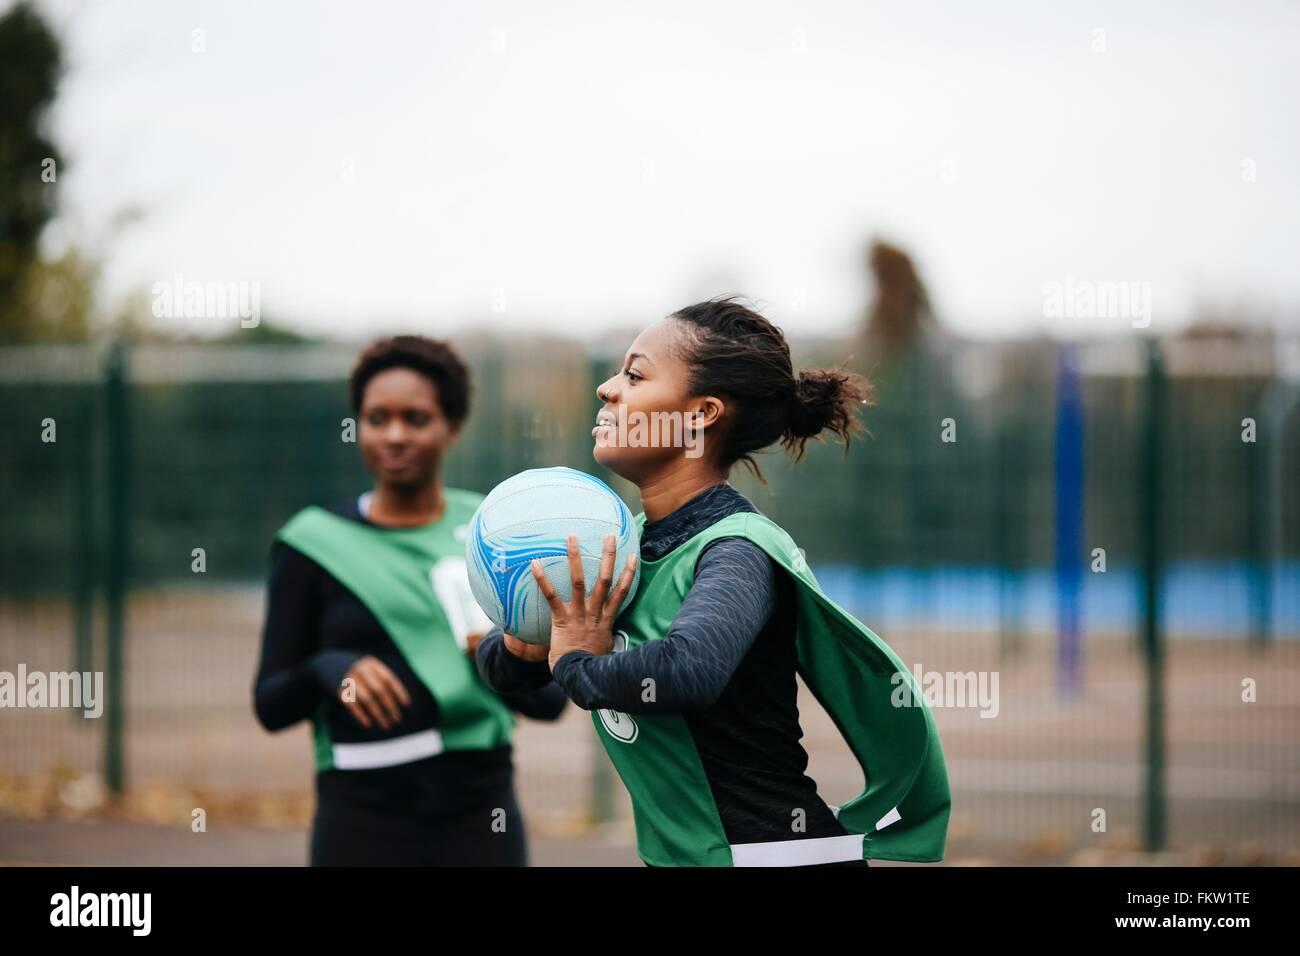 Les jeunes femelles adultes de netball joueur à jouer sur la cour de netball Photo Stock